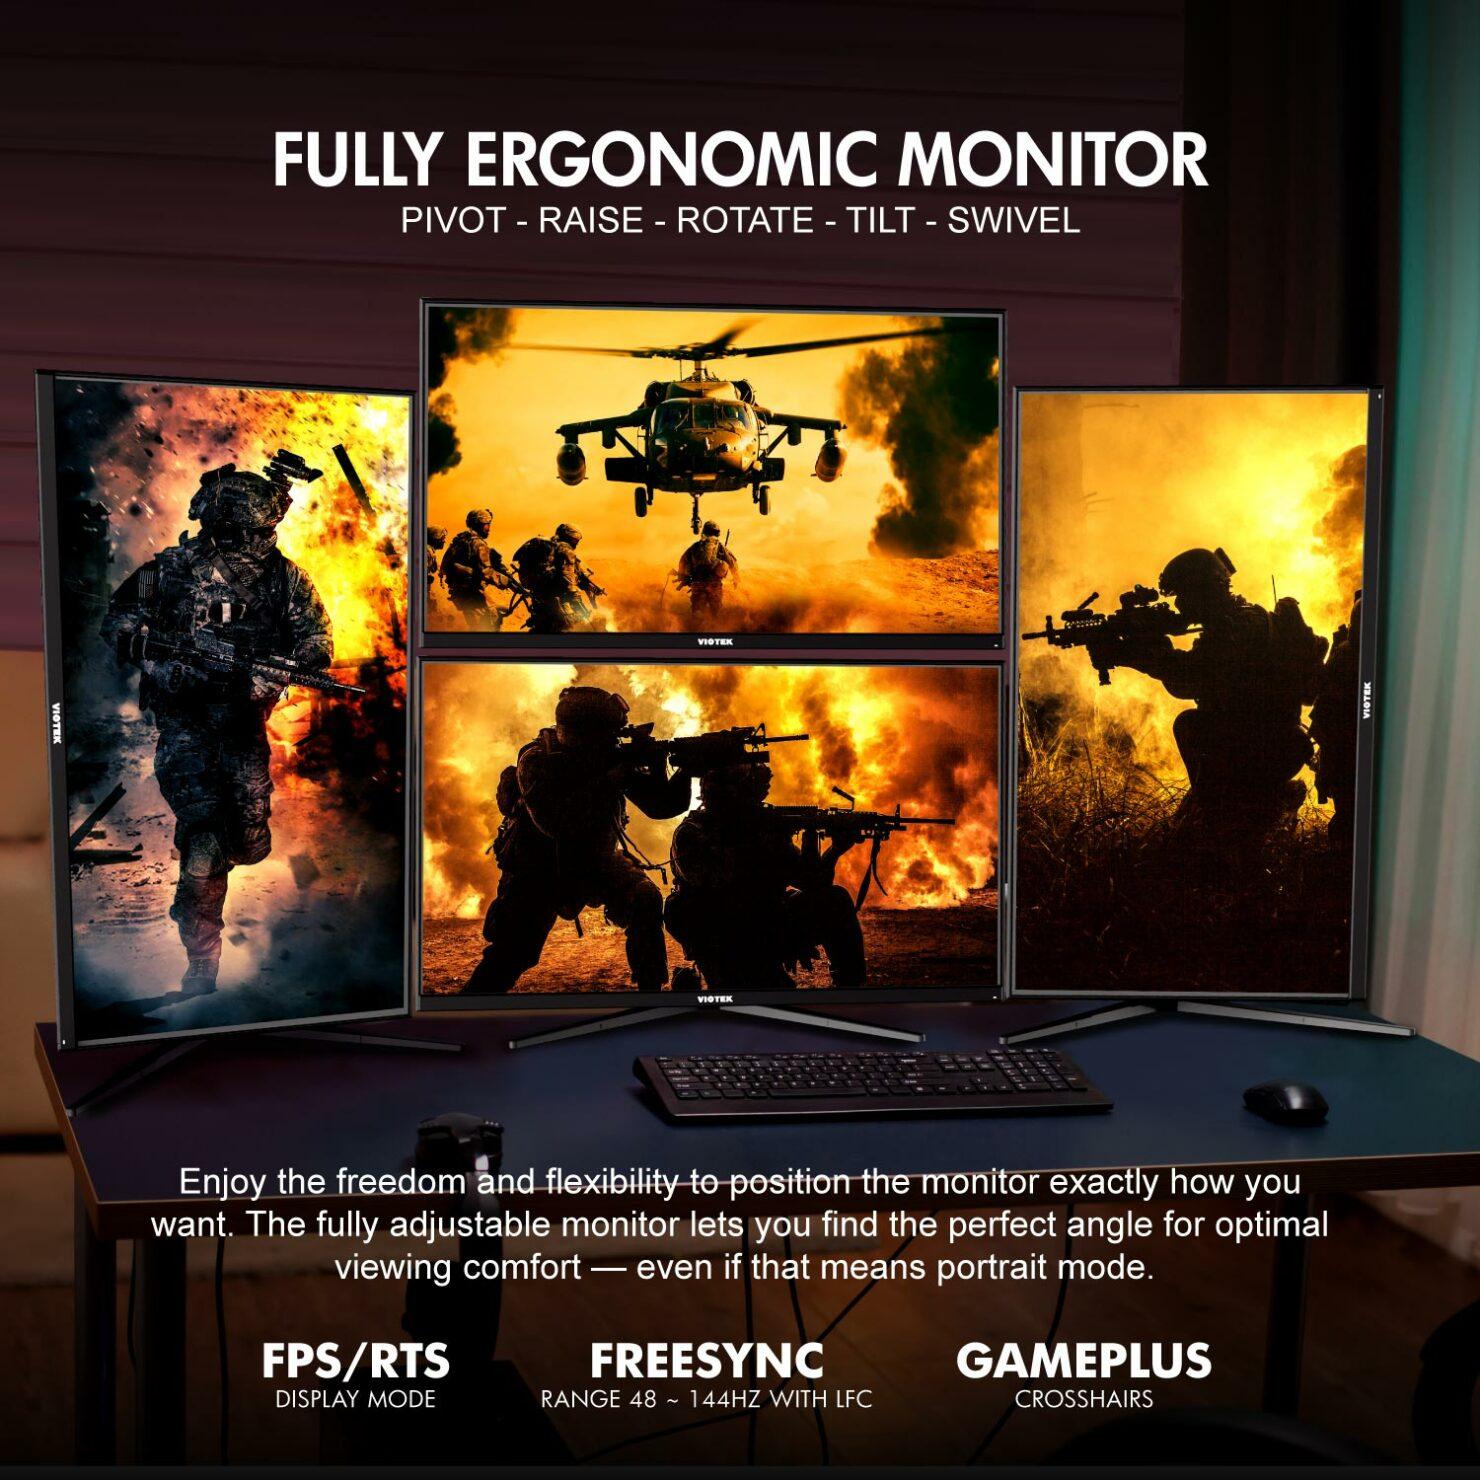 gfi27qxa-27in-4k-1ms-144hz-gaming-monitor-fully-ergonomic-monitor